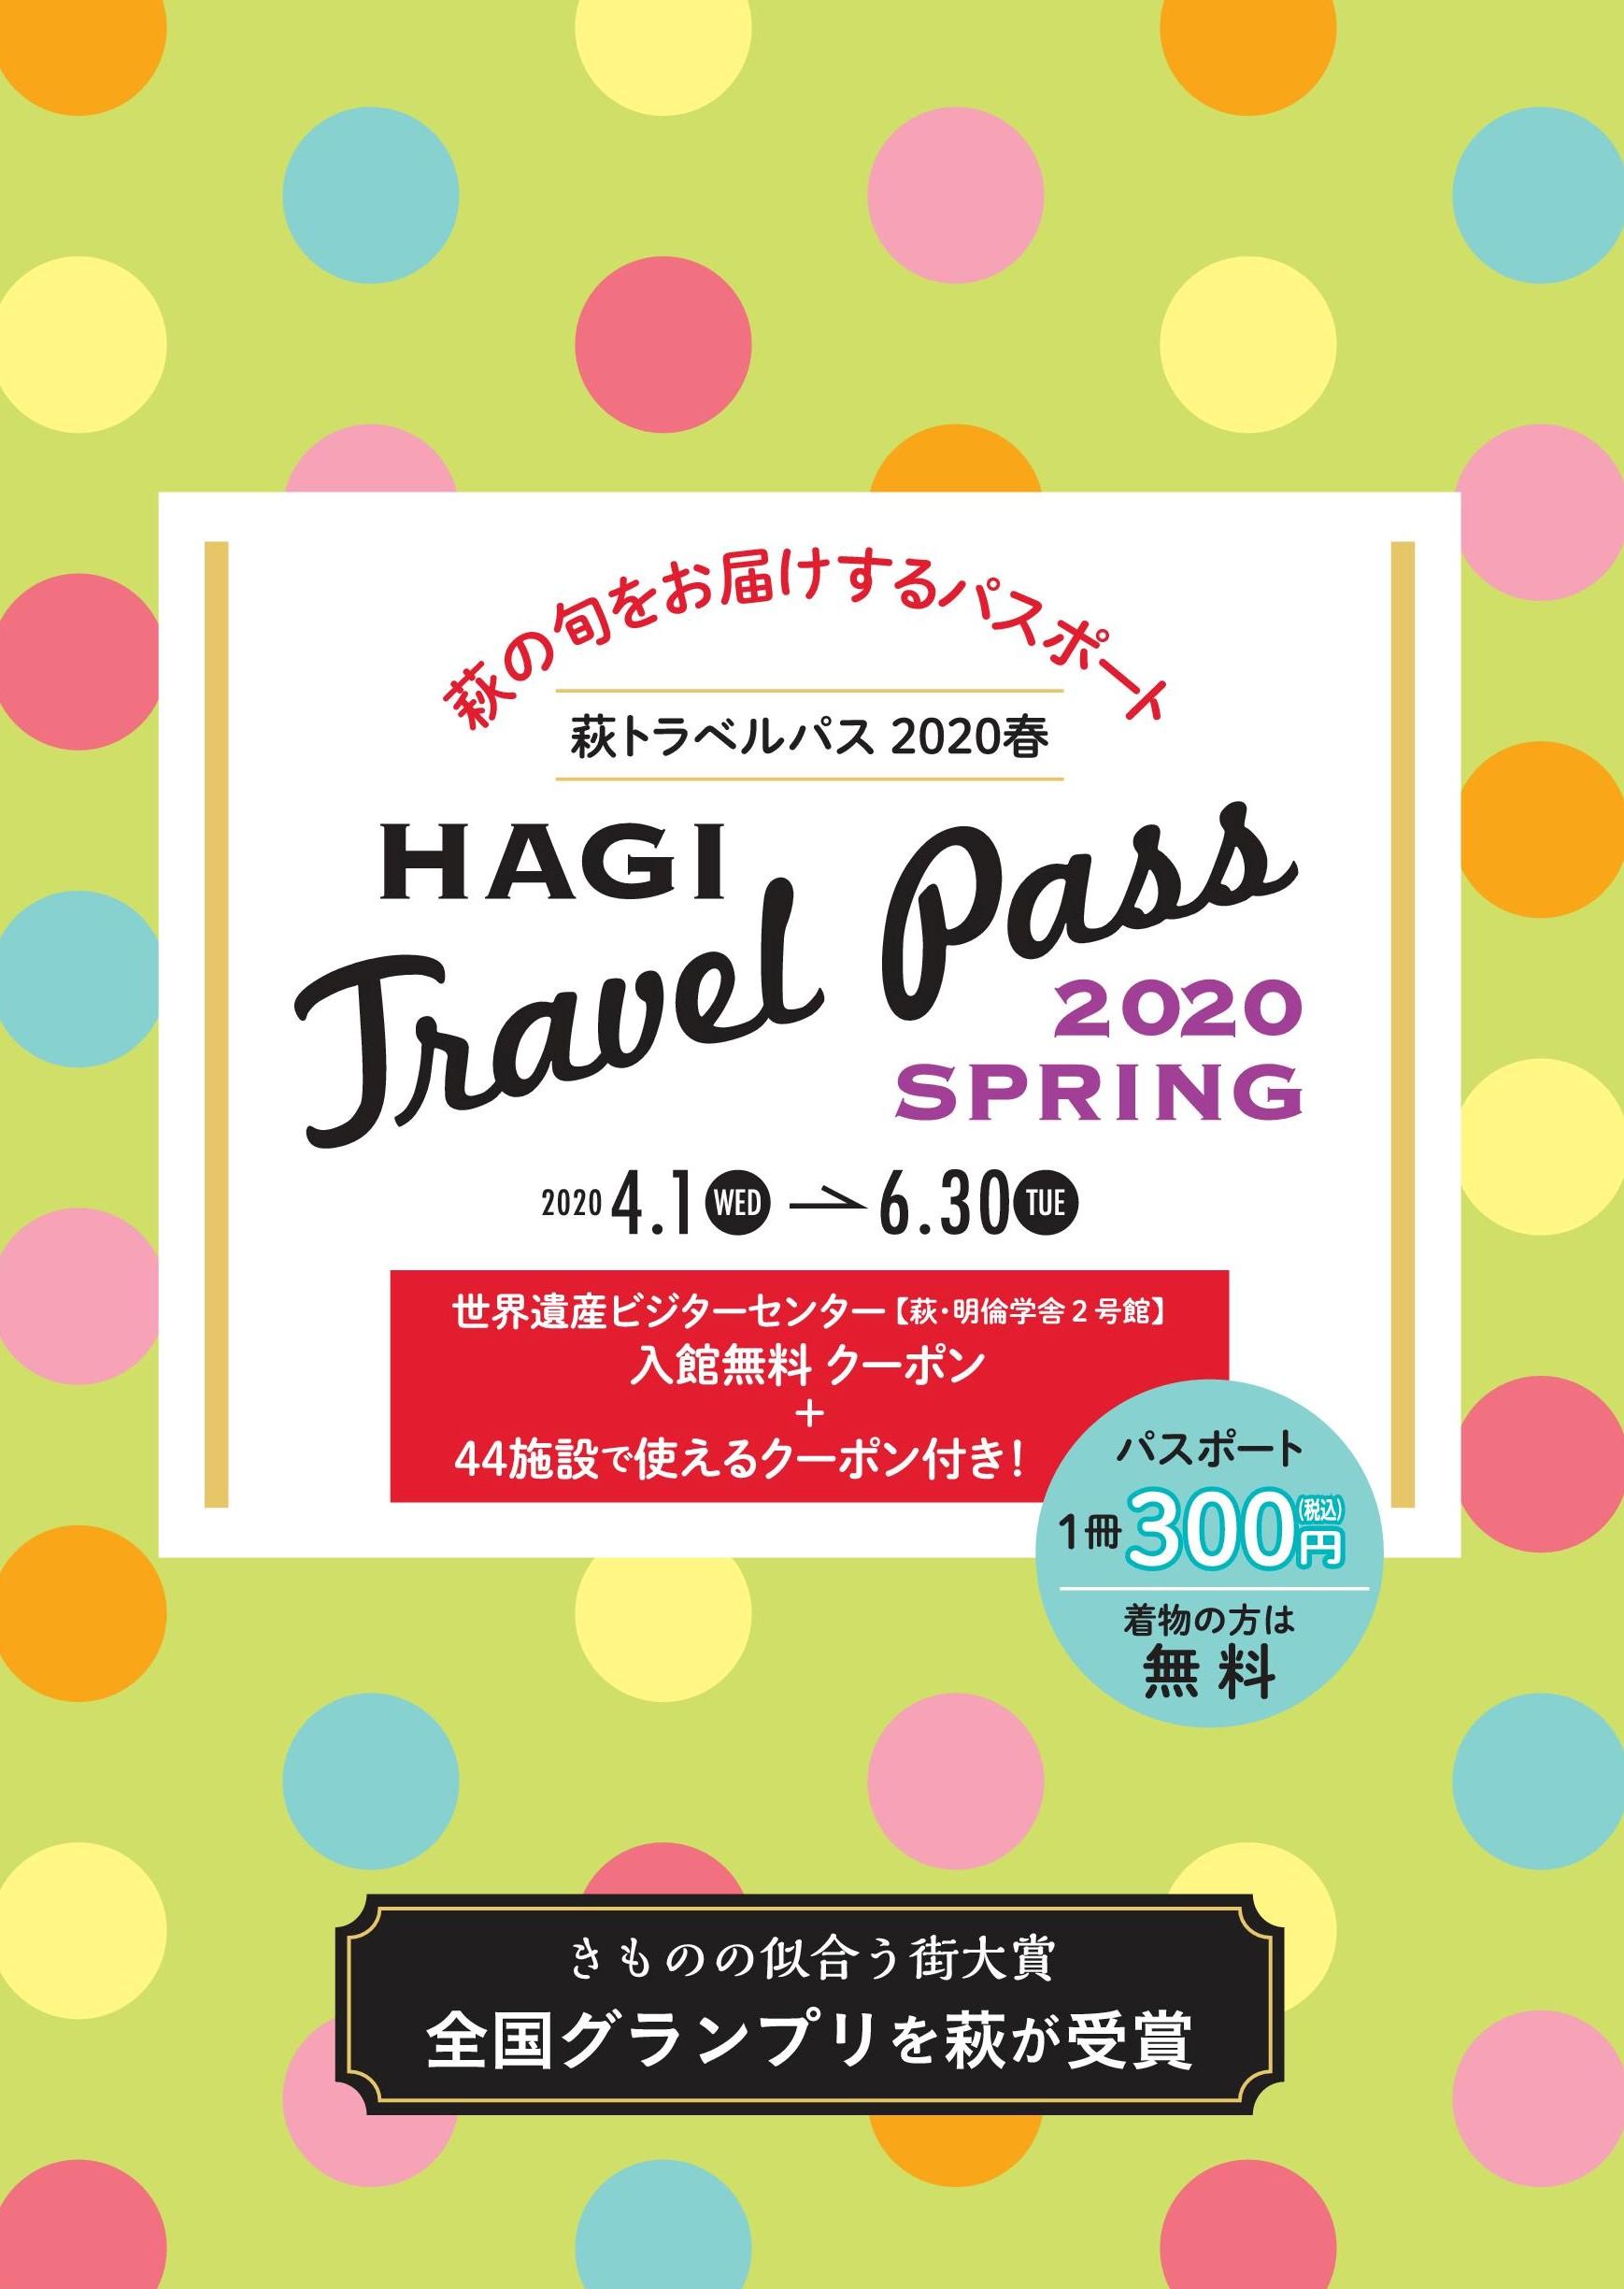 画像:HAGI TRAVEL PASS 2020 SPRING